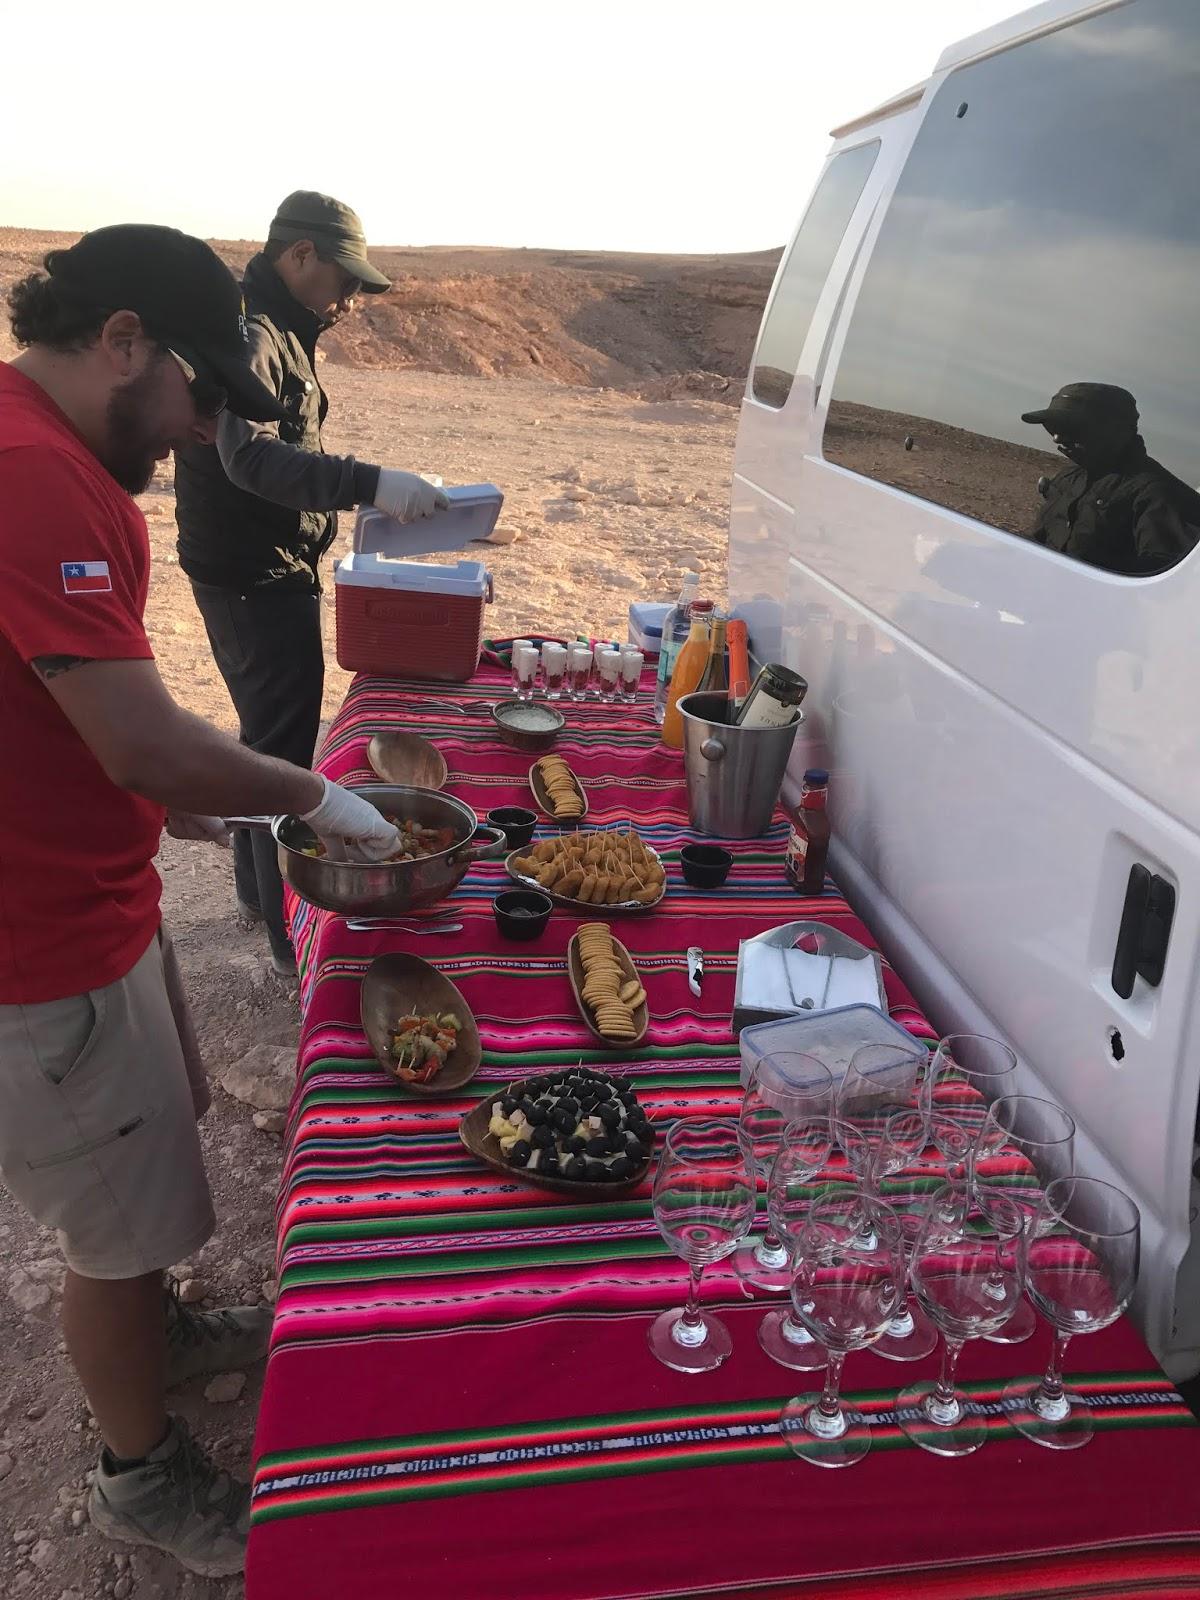 Coquetel no Vale de la Muerte - Deserto do Atacama